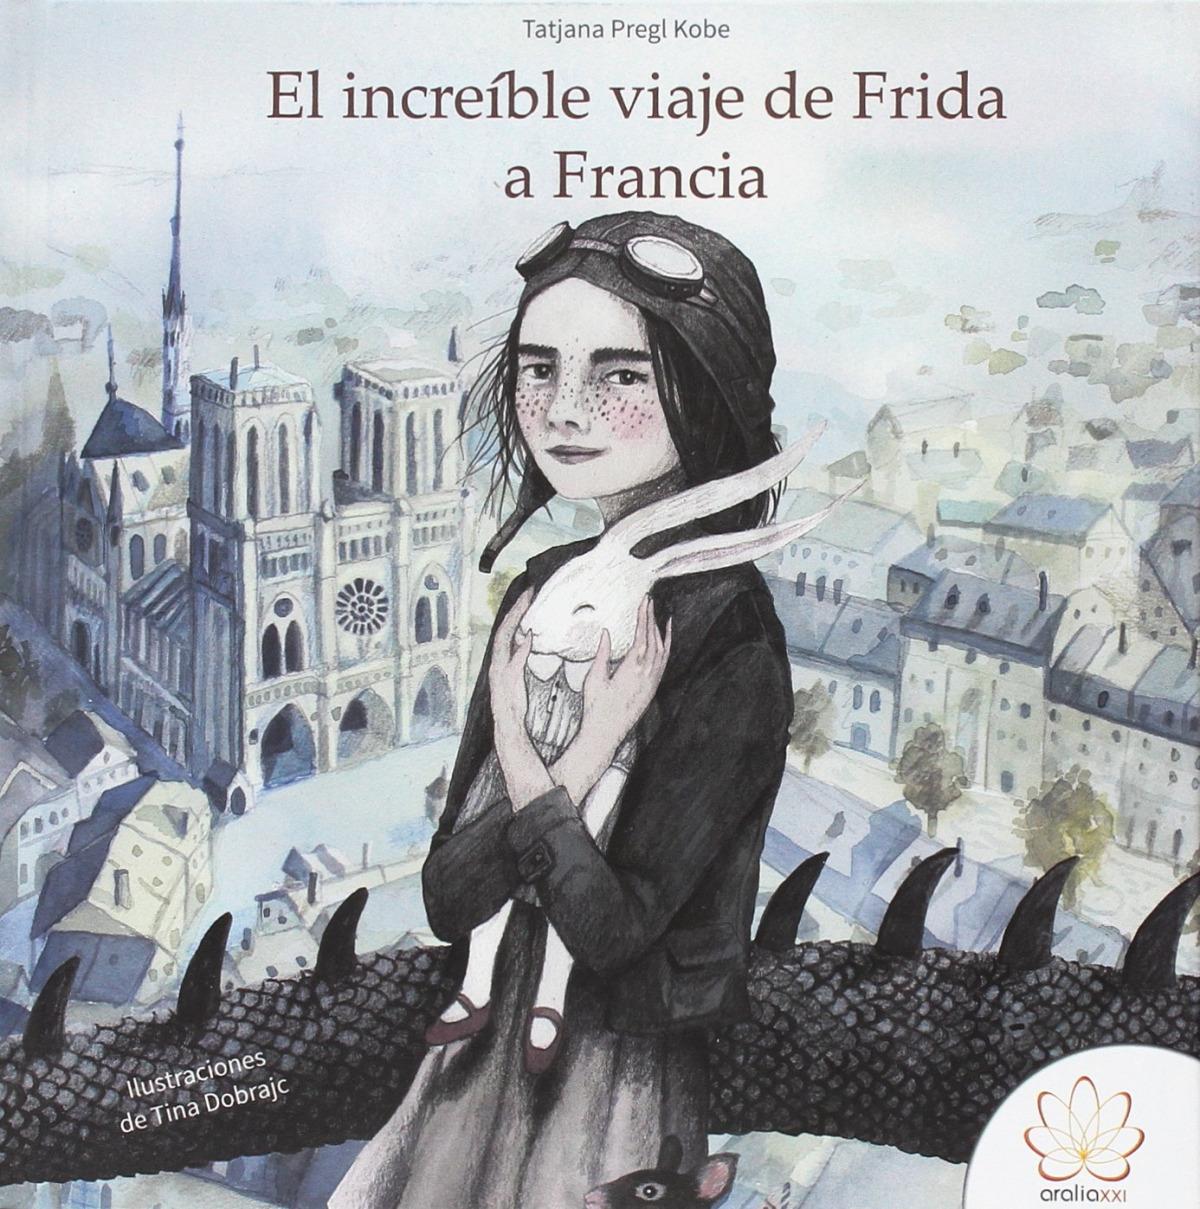 EL INCREIBLE VIAJE DE FRIDA